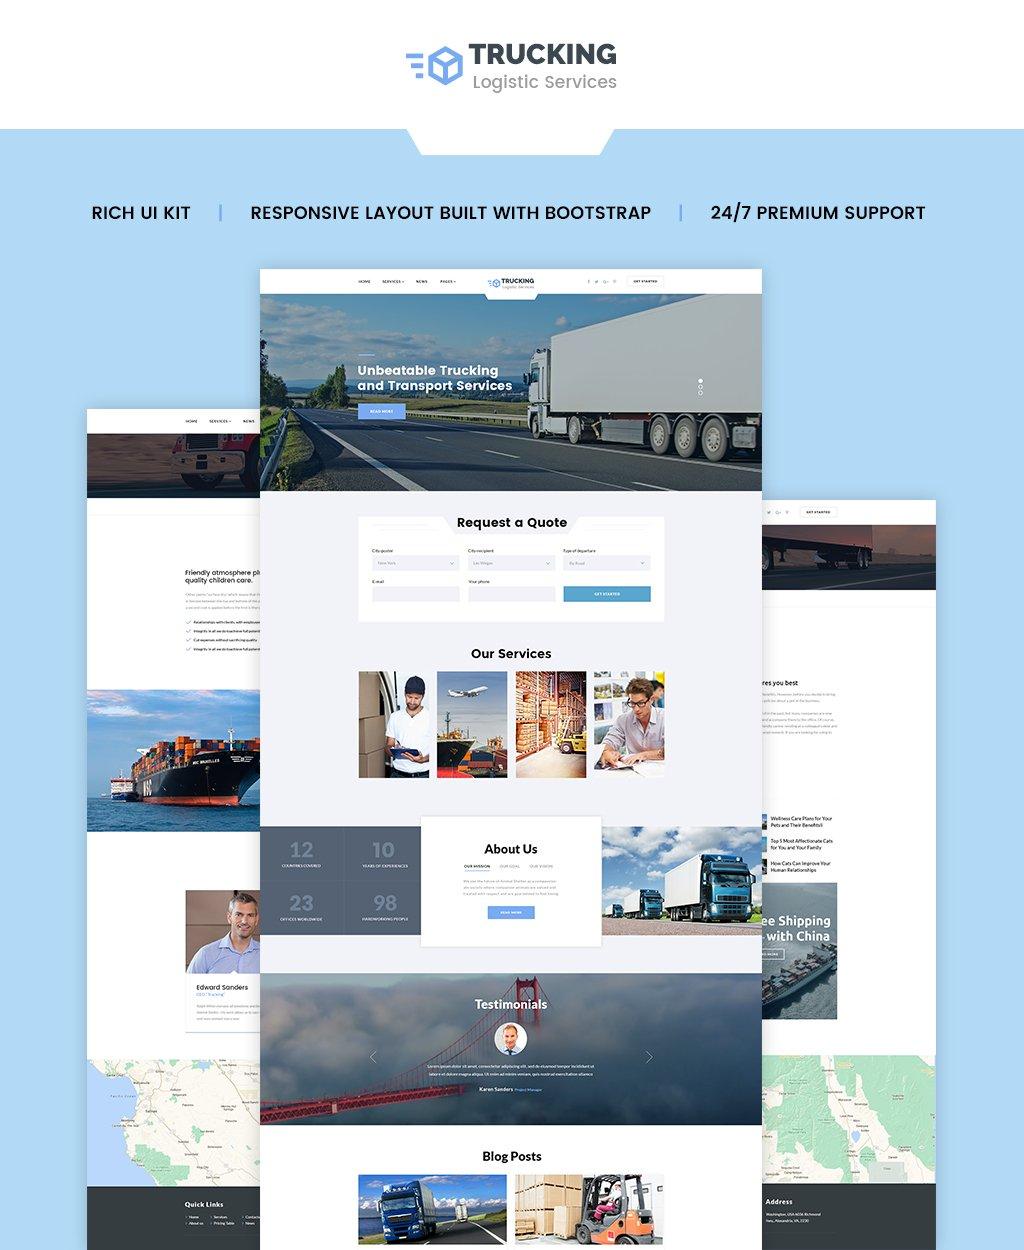 """Plantilla Web """"Trucking - Logistics & Transportation Services HTML"""" #62264 - captura de pantalla"""